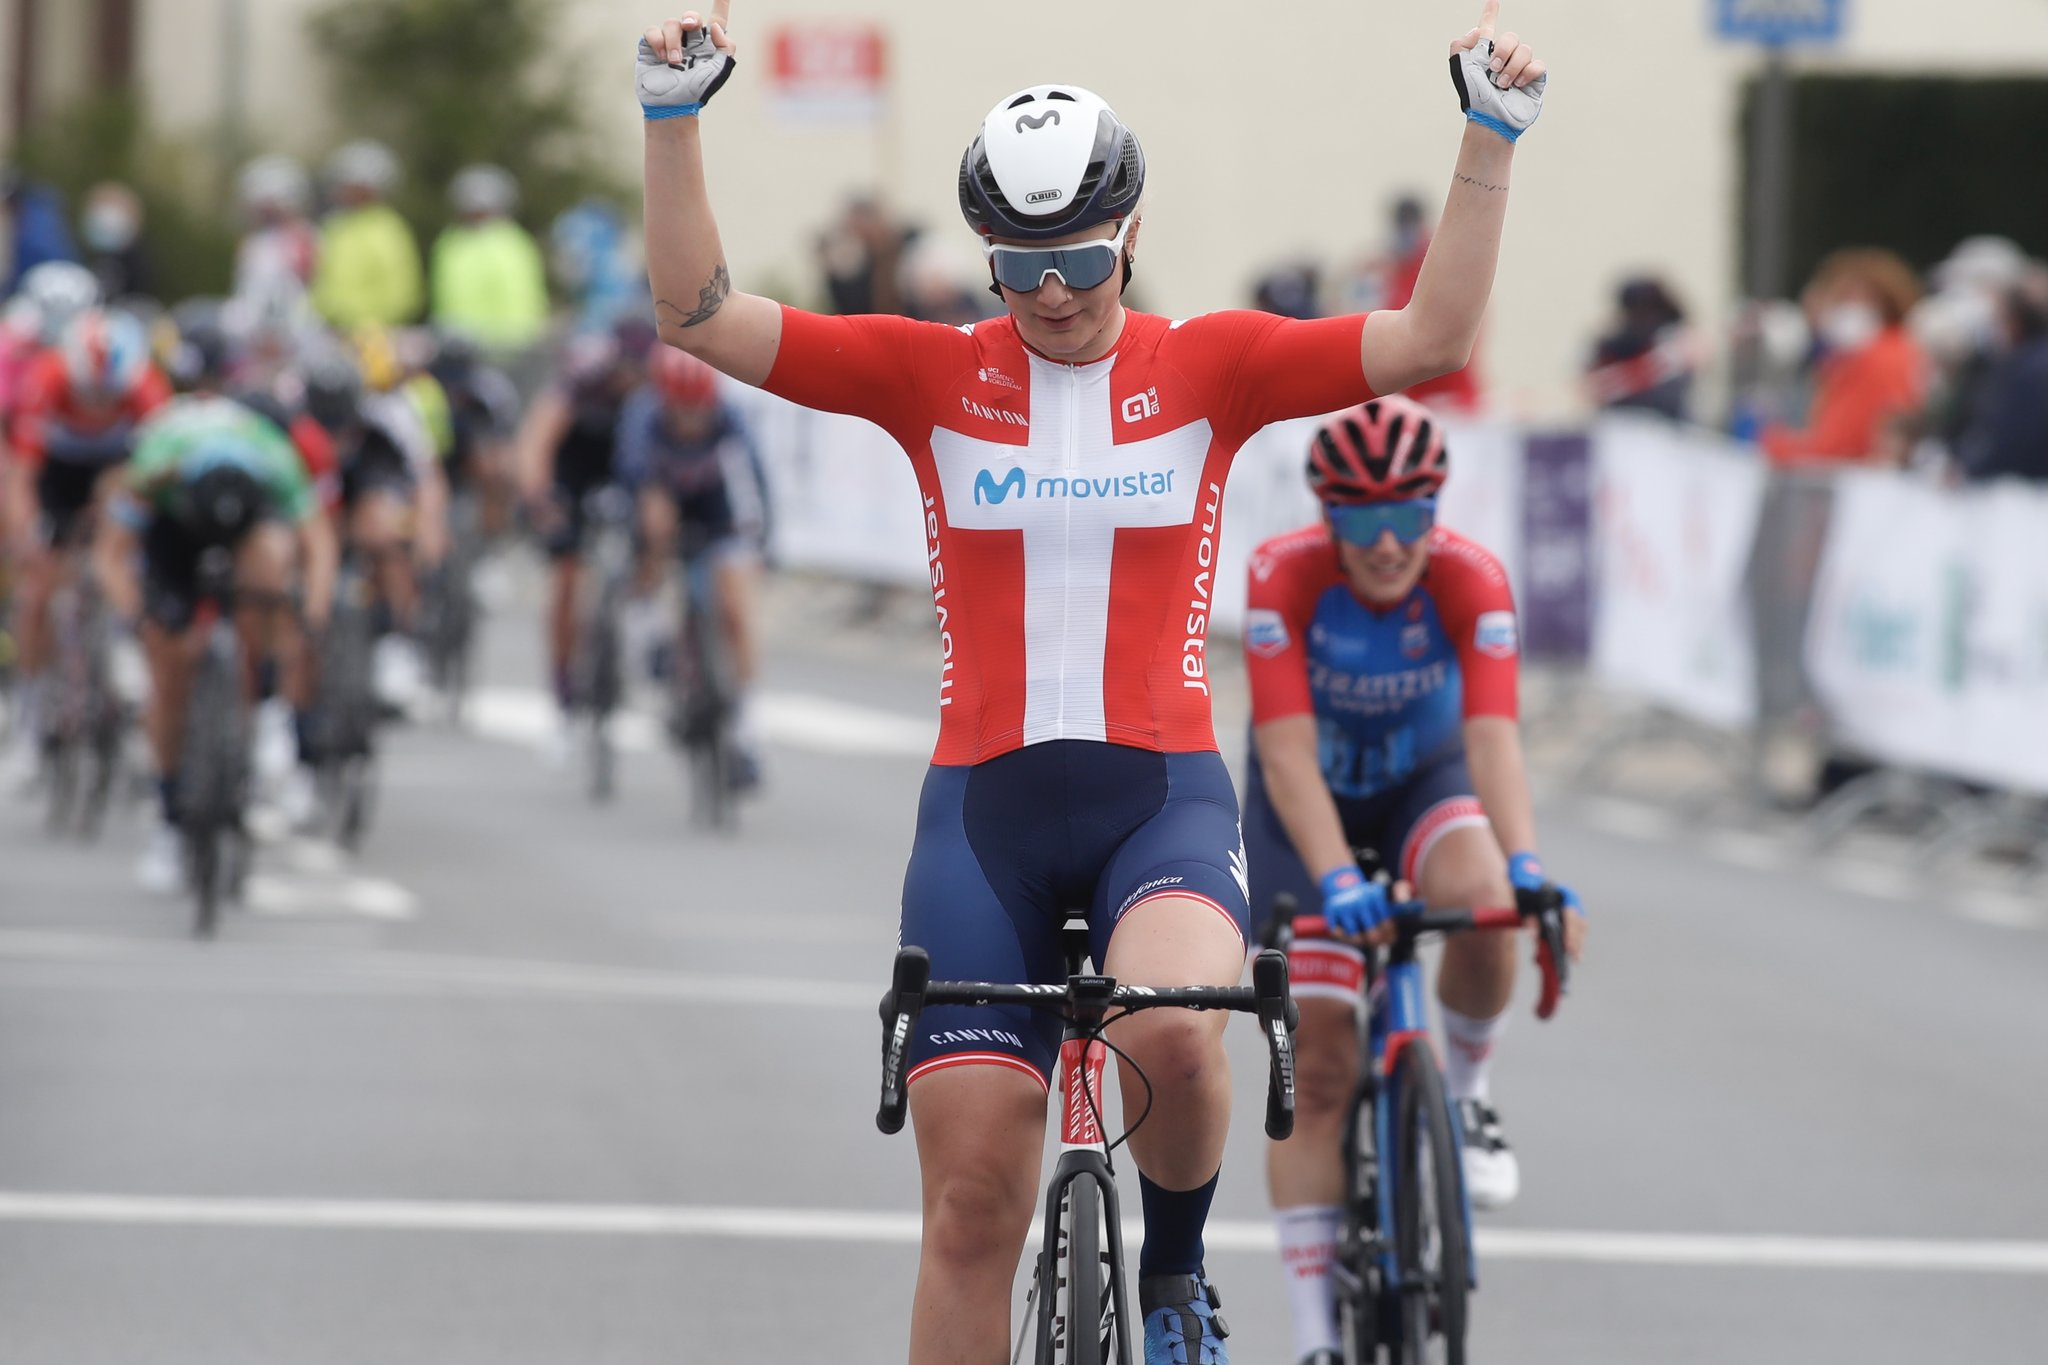 Finalmente a tão desejada vitória para Emma Norsgaard!